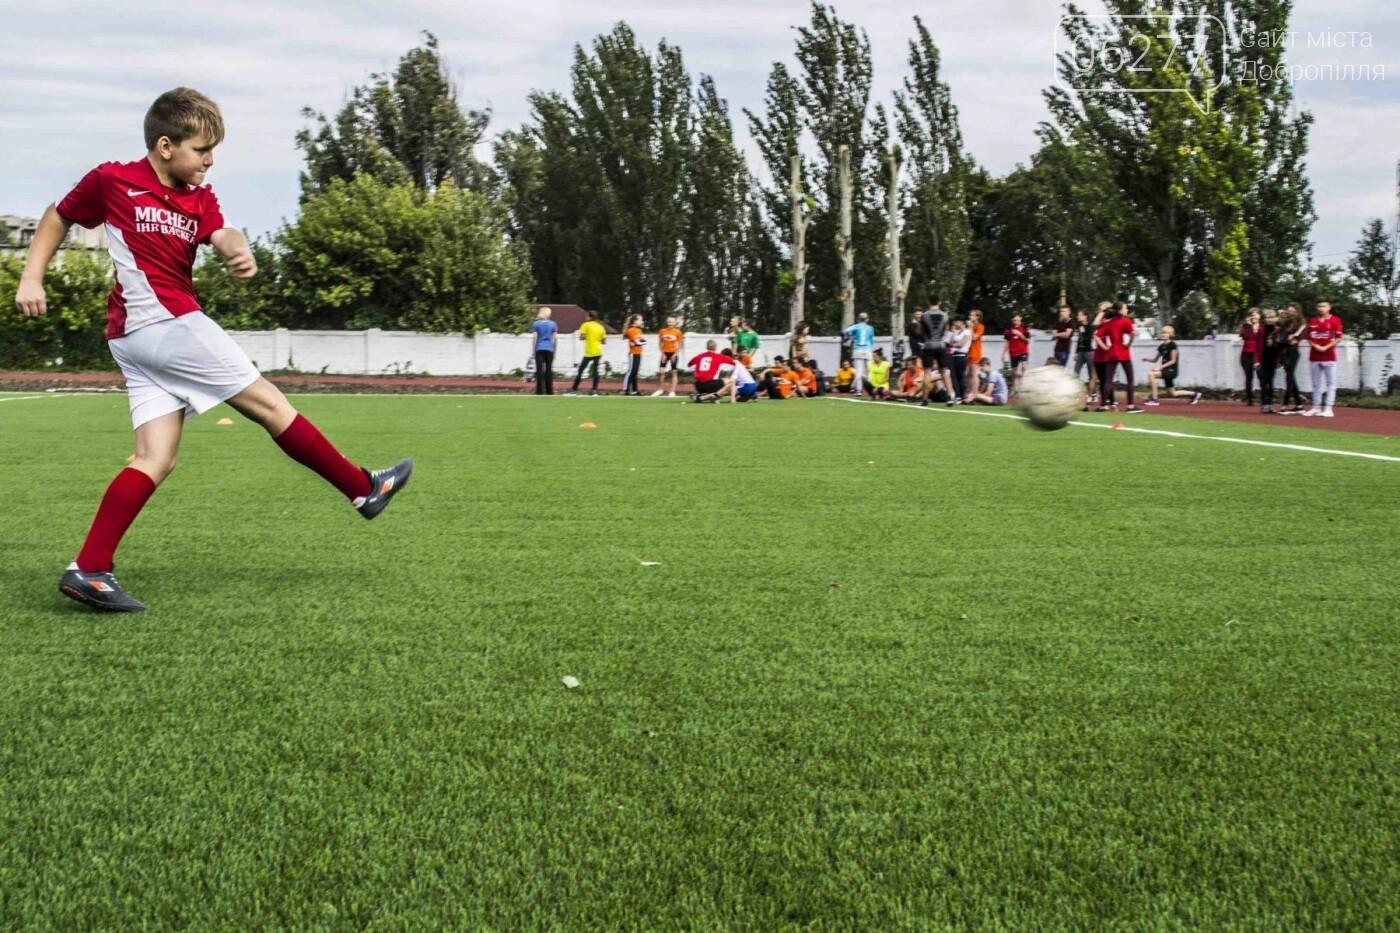 Обогатители ЦОФ Добропольская приняли участие в спортивном празднике на обновленном стадионе, фото-4